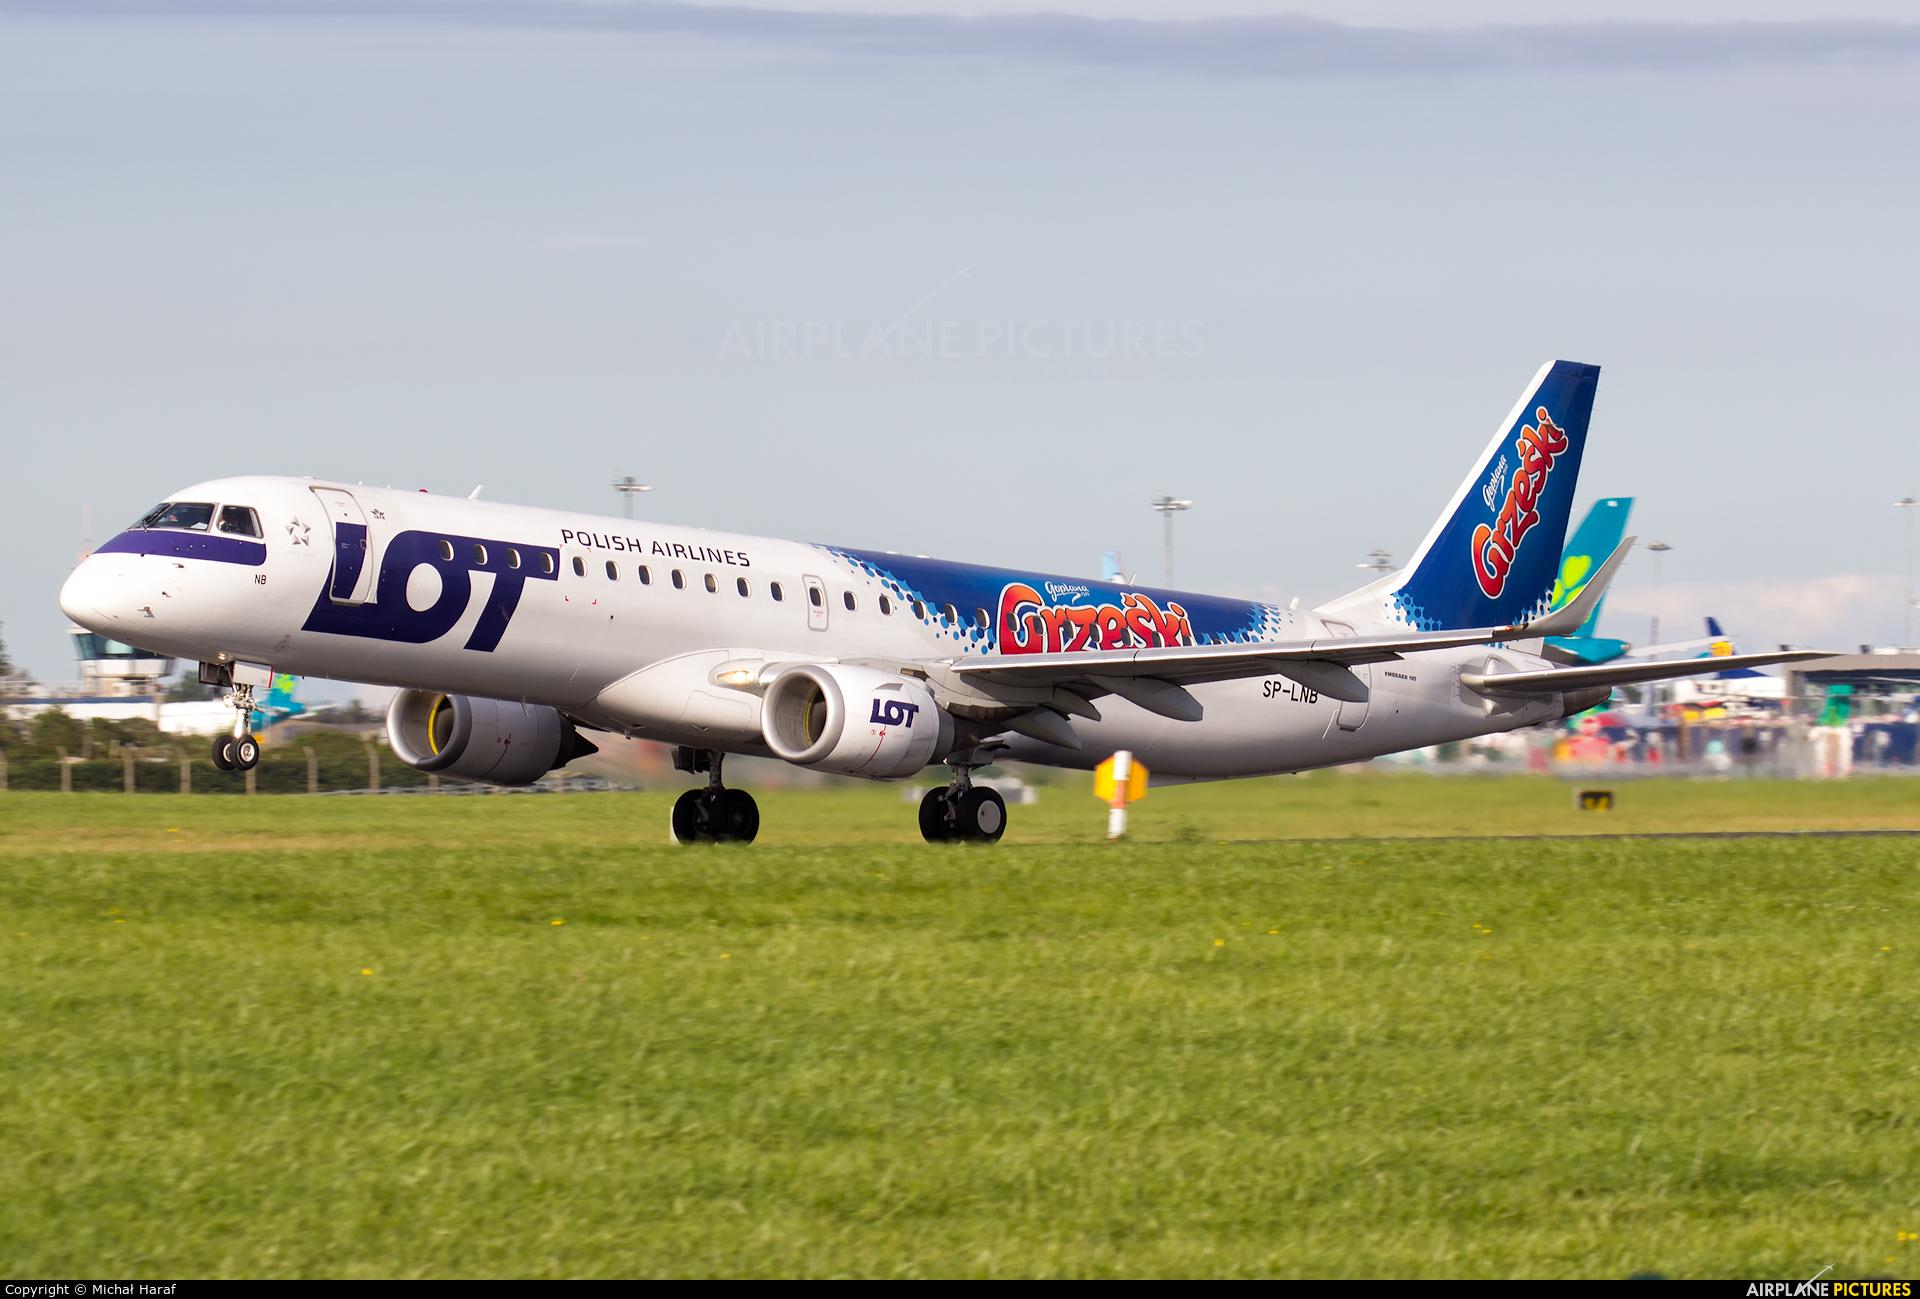 LOT - Polish Airlines SP-LNB aircraft at Dublin